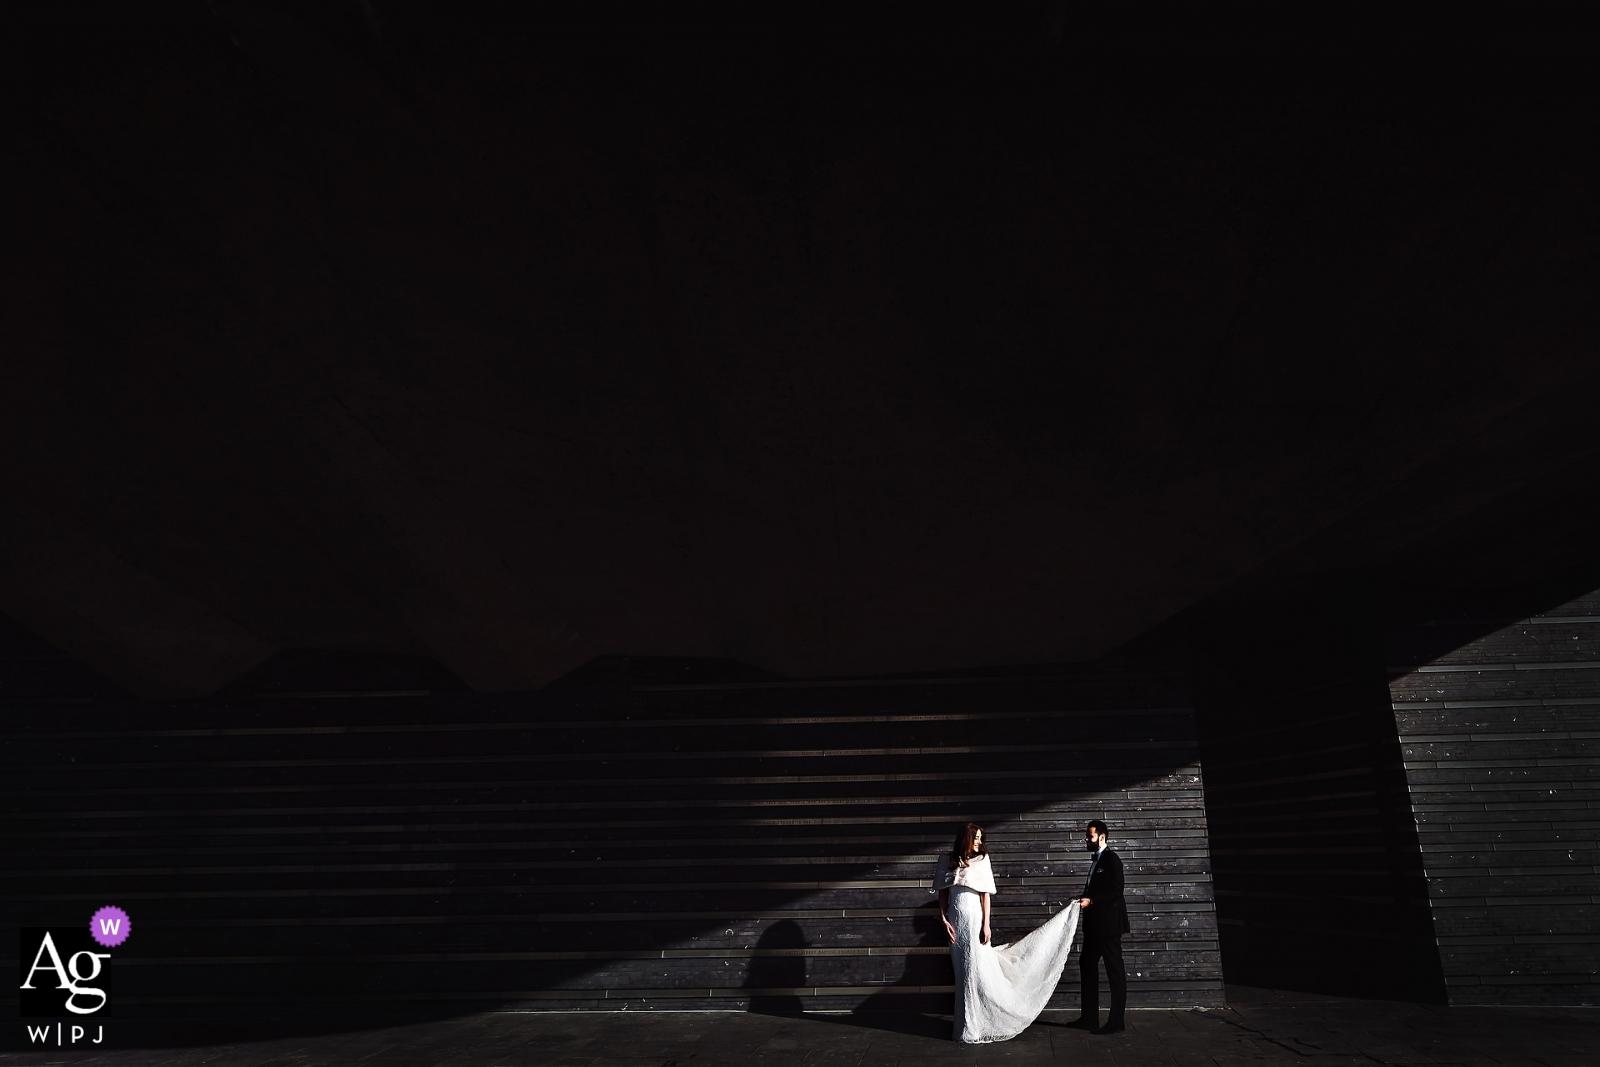 El faro en los muelles de Chelsea, Nueva York, fotografía de boda de NY | Novia y novio retrato usa luz directa afuera